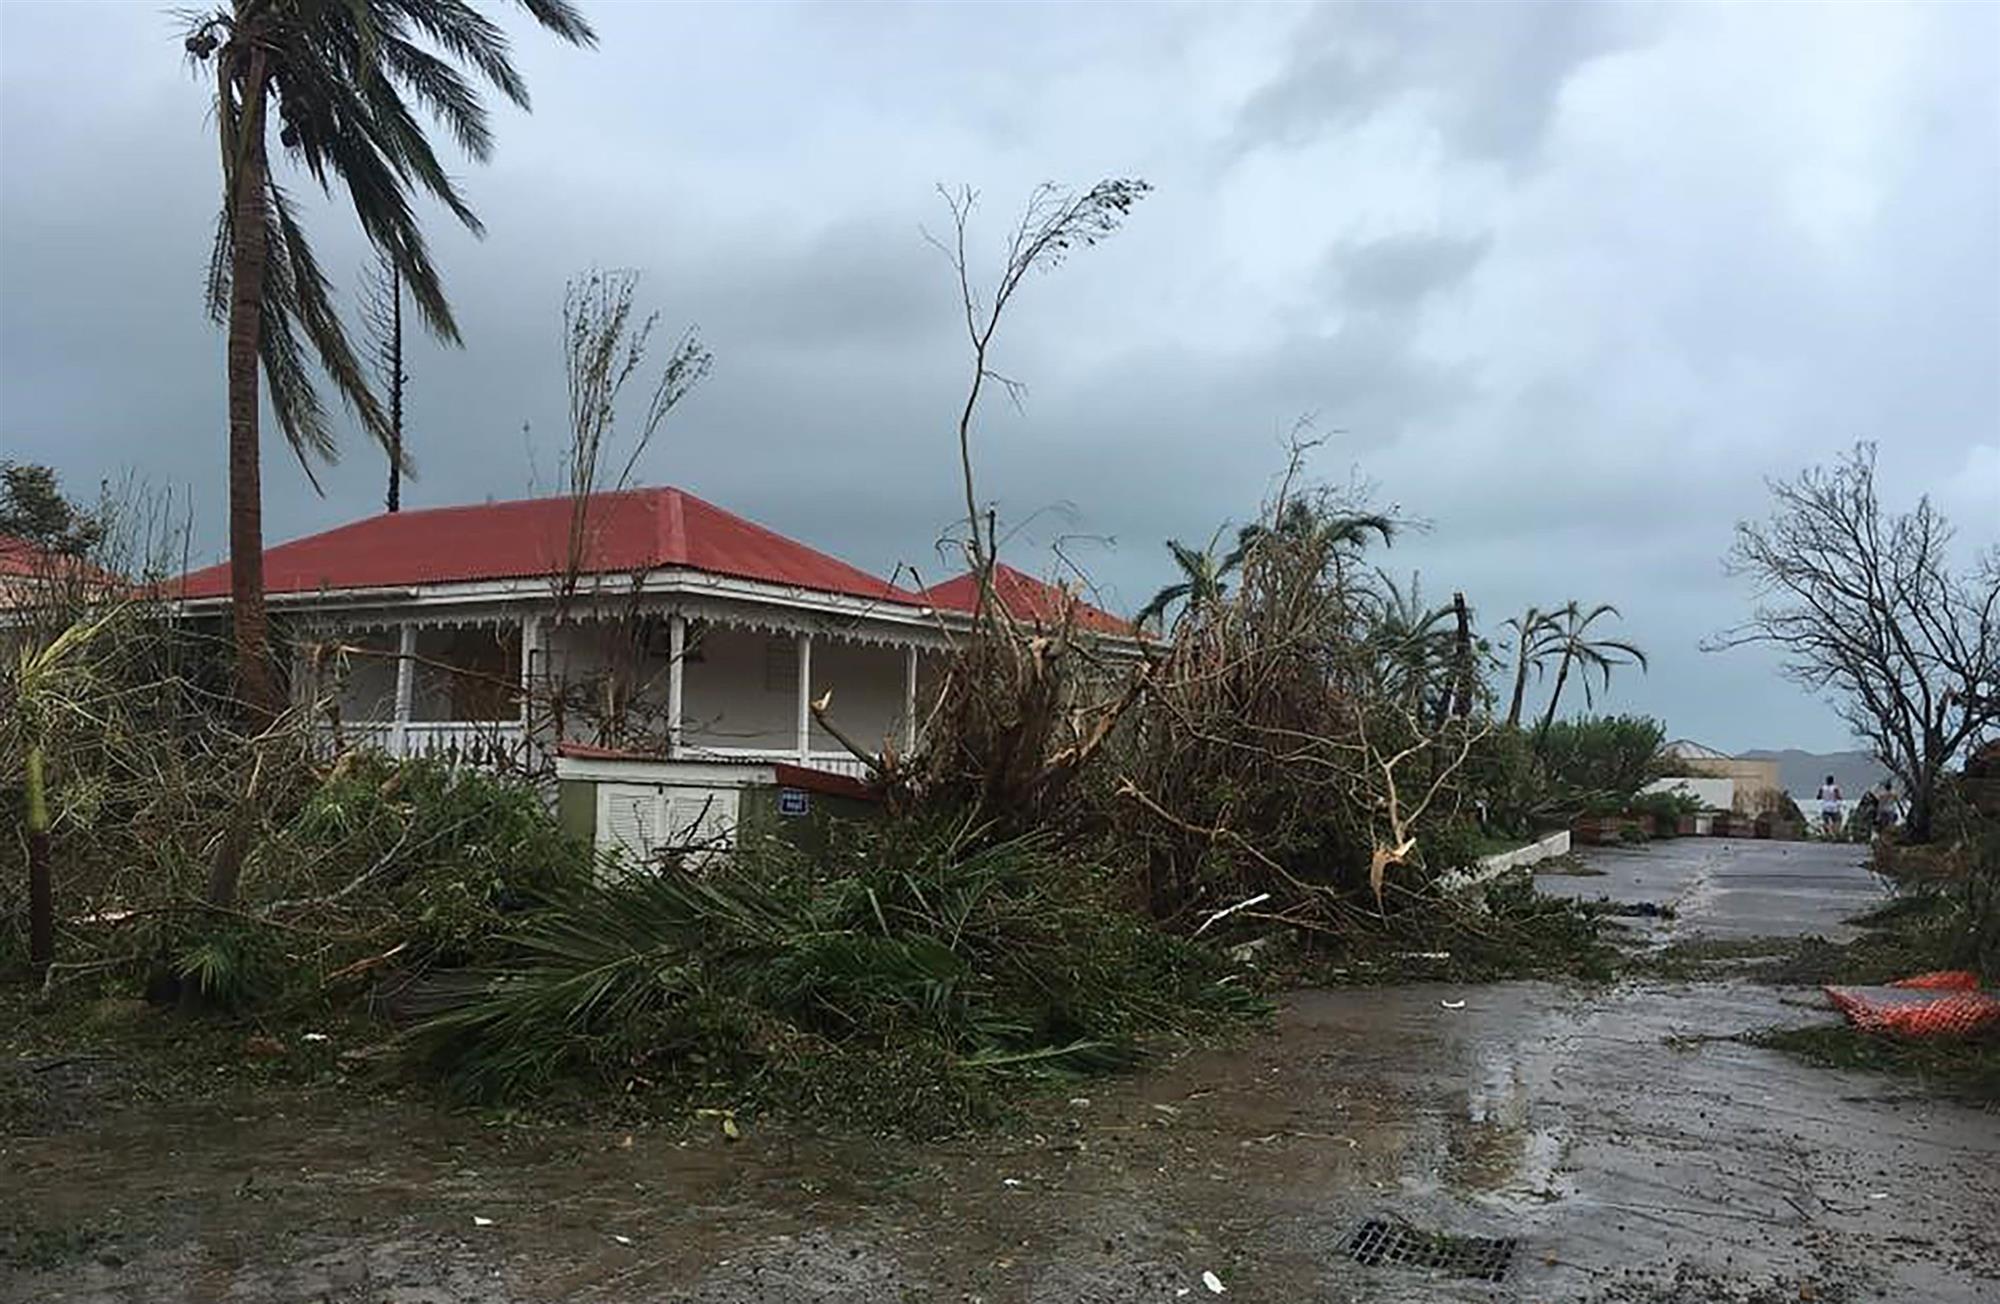 Flórida fecha escolas e universidades por causa do furacão Irma